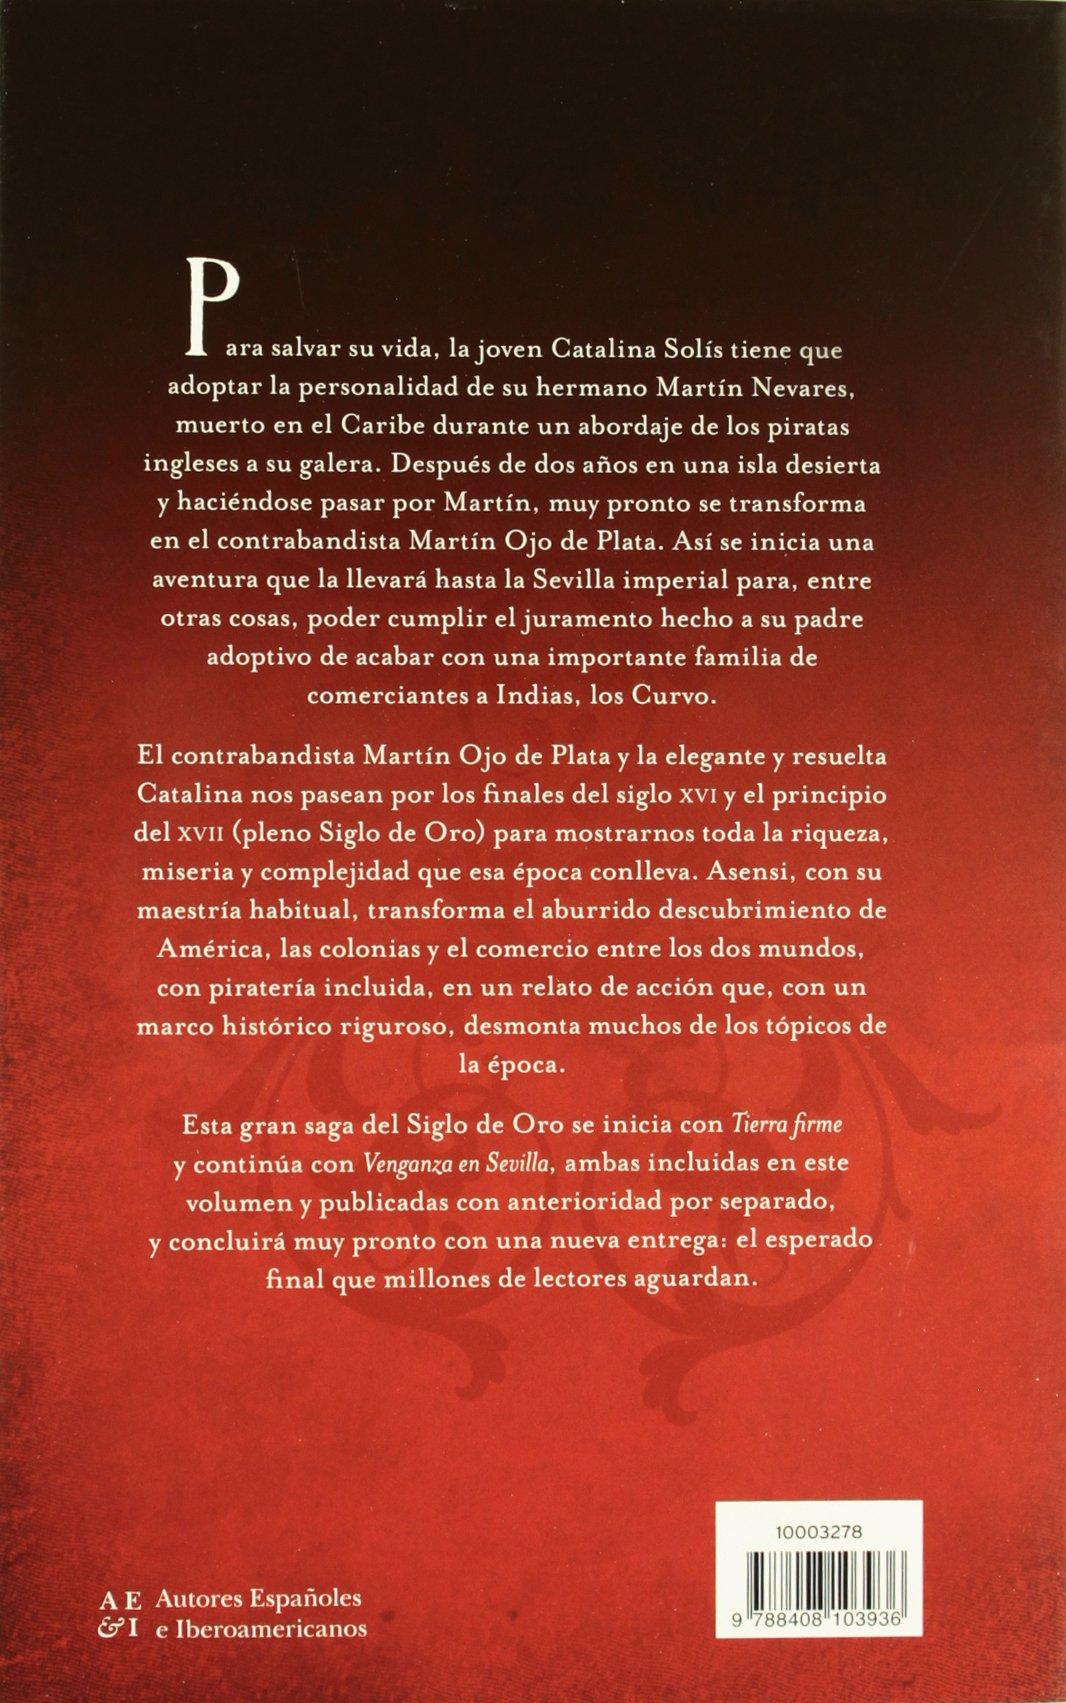 Martín Ojo de Plata: la gran saga del Siglo de Oro venganza ...